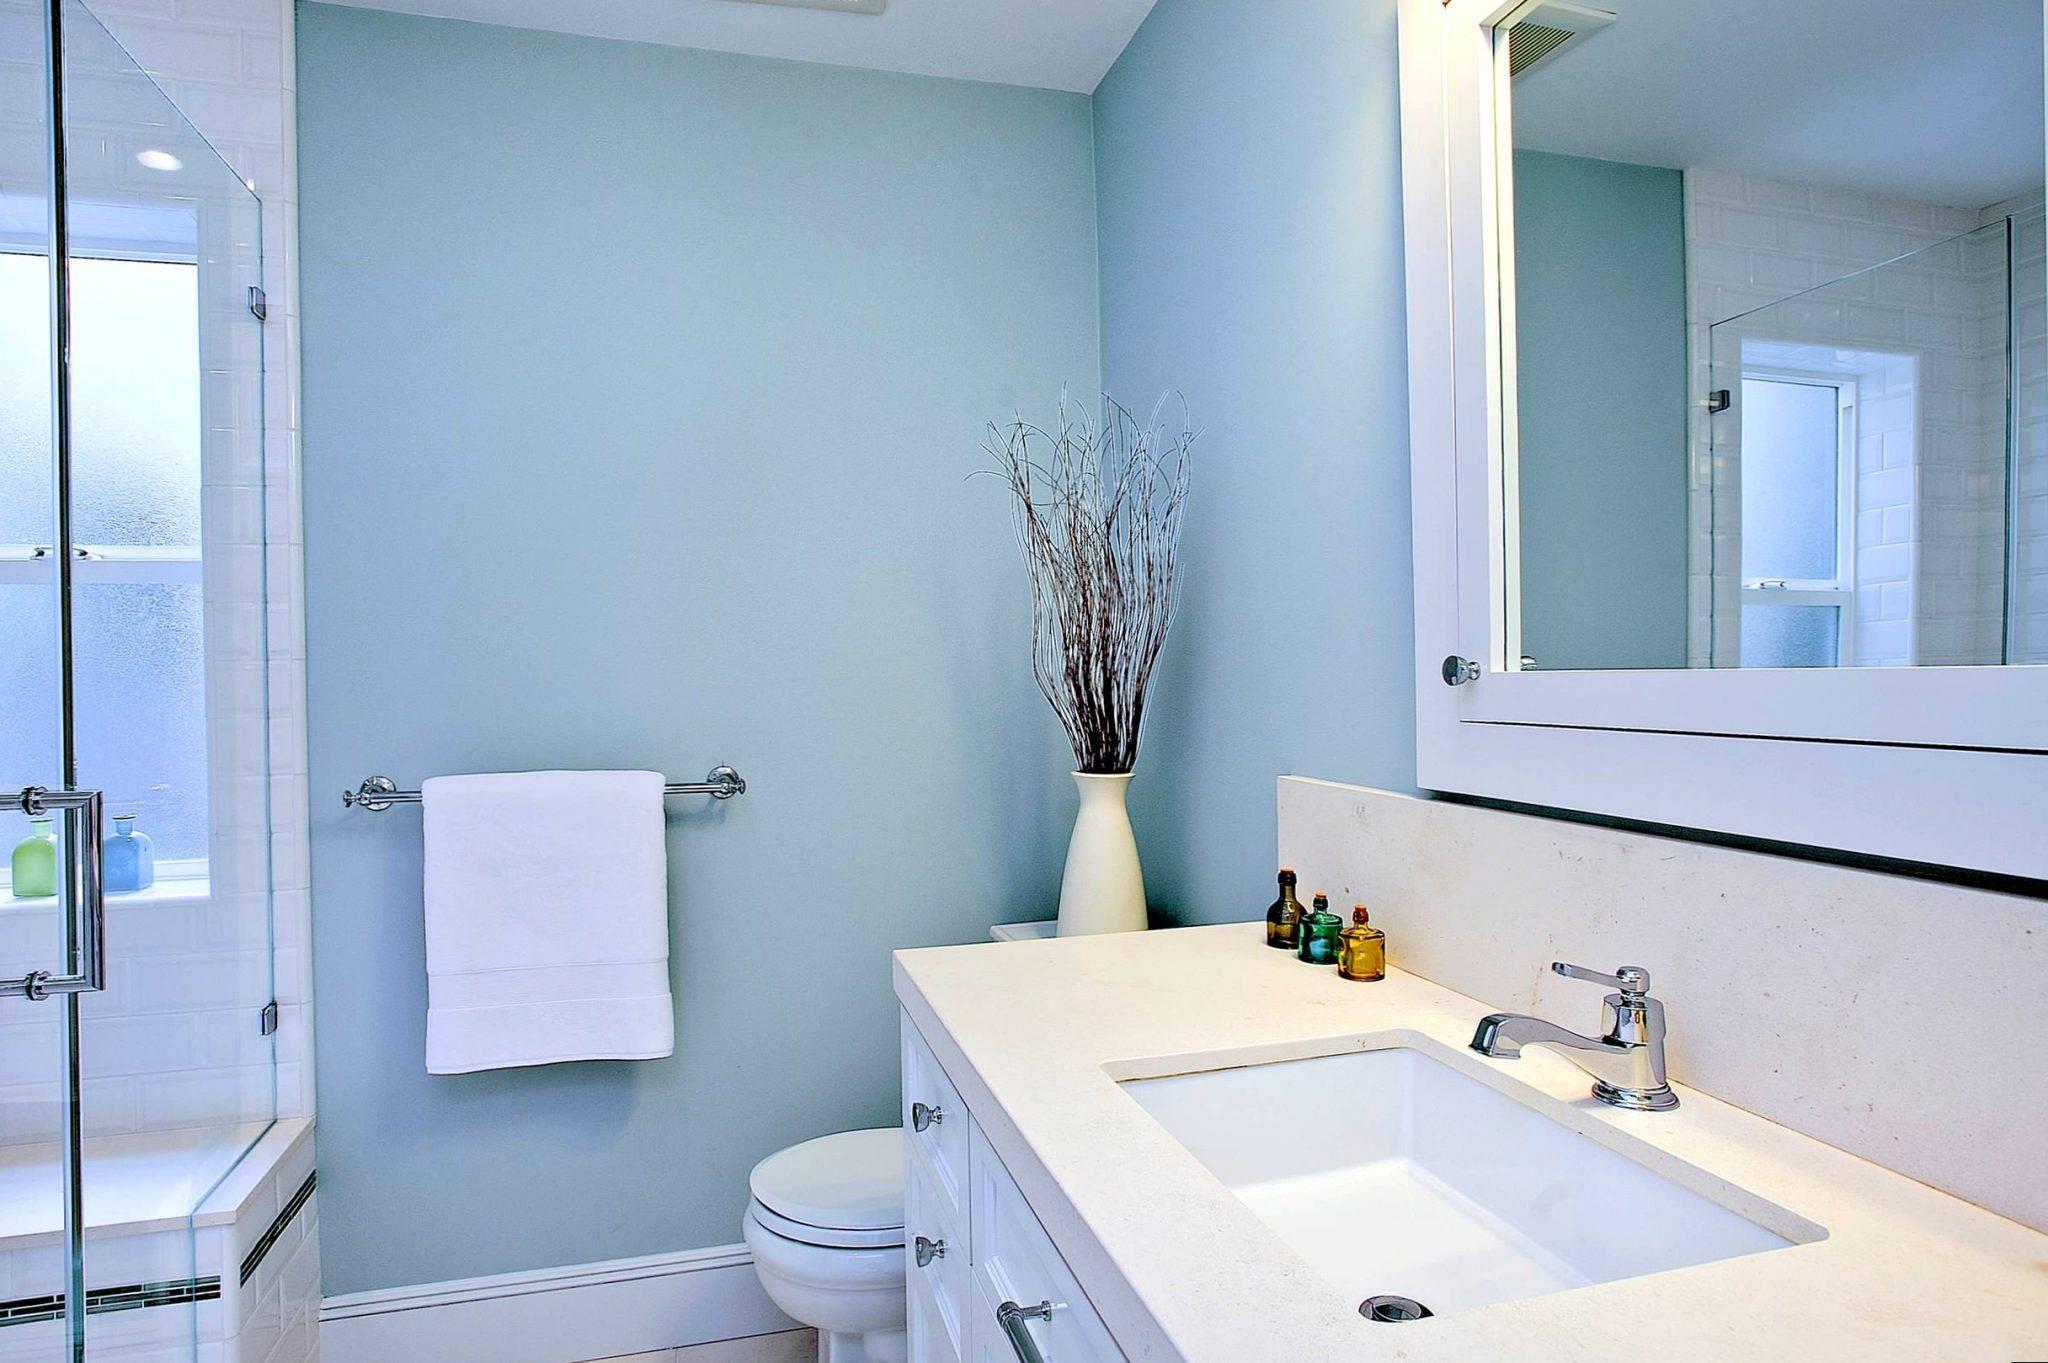 Краска для ванной: какую лучше выбрать и как покрасить стены ванной комнаты?